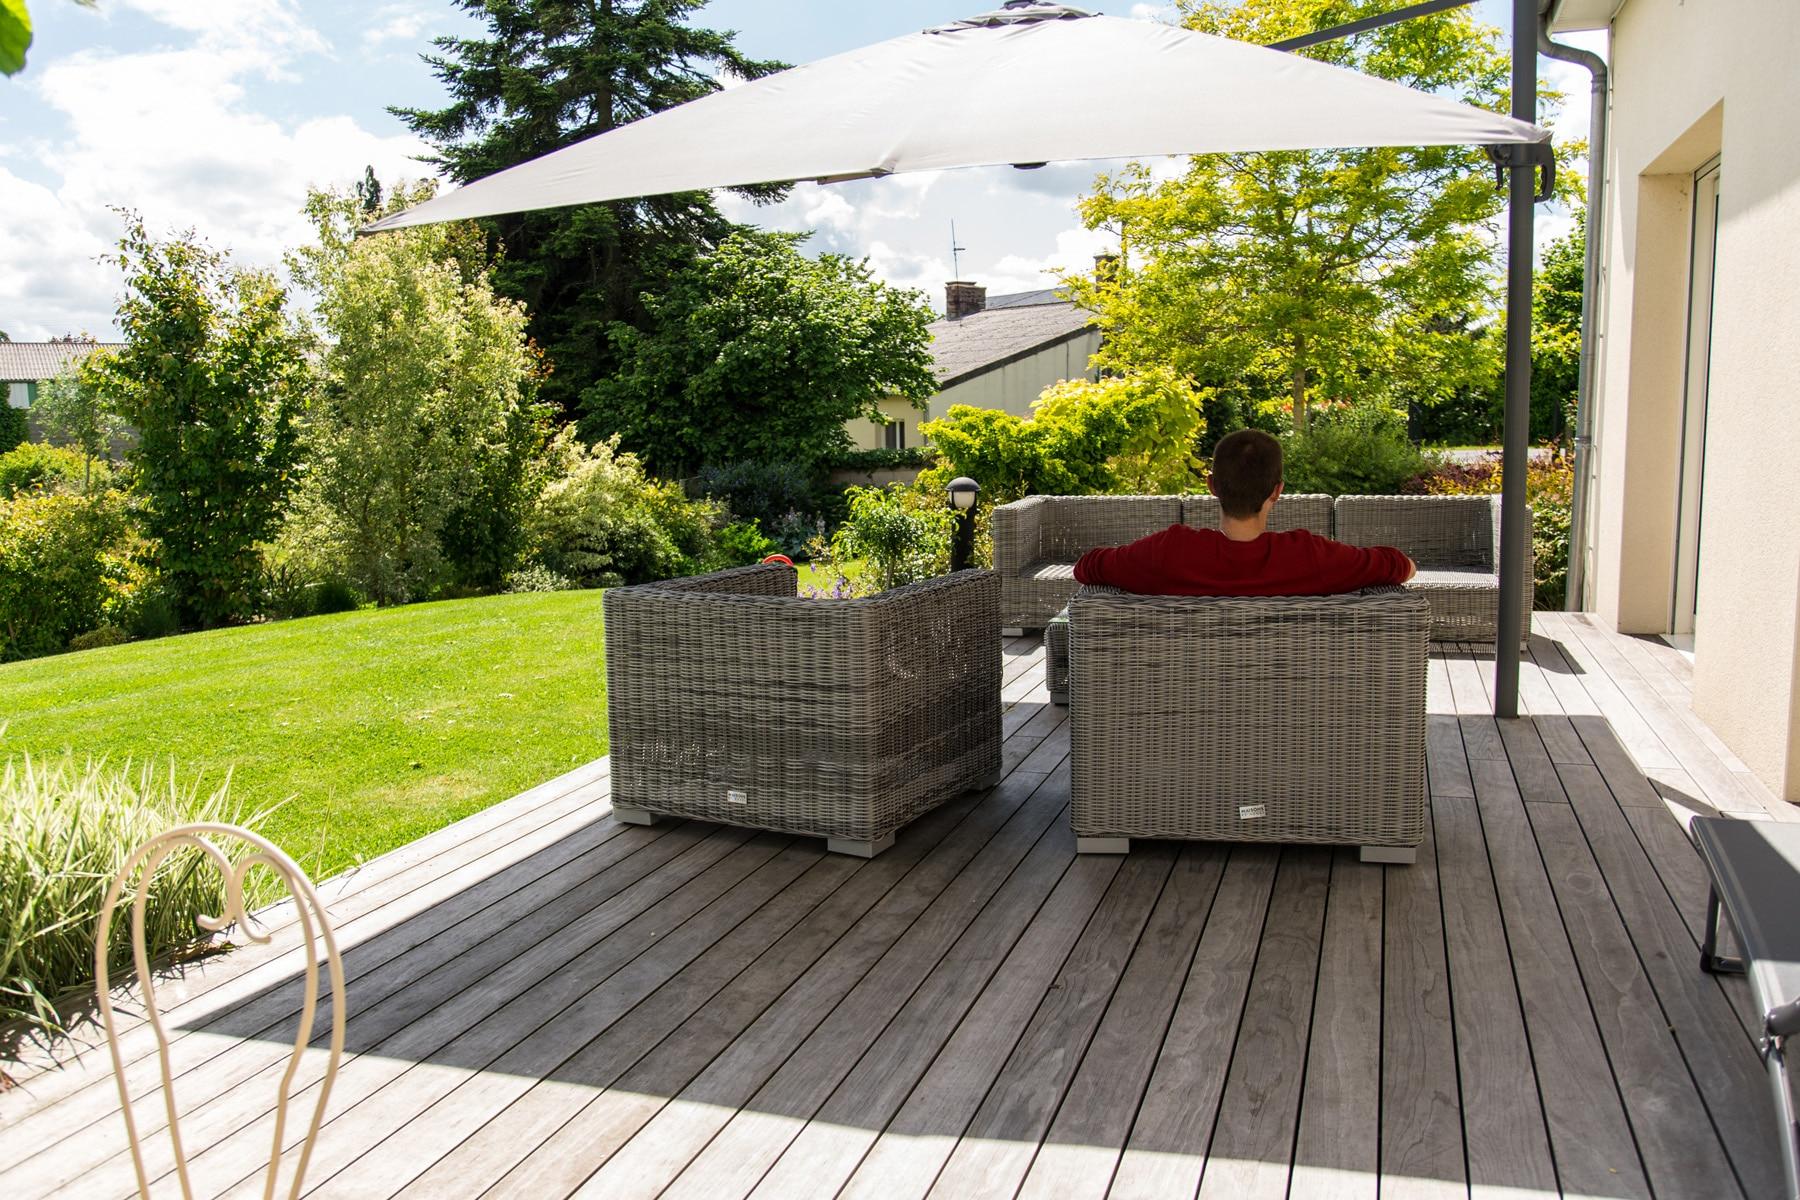 Aménagement De Terrasse En Bois - Aménagement Extérieur ... avec Amenagement De Terrasse